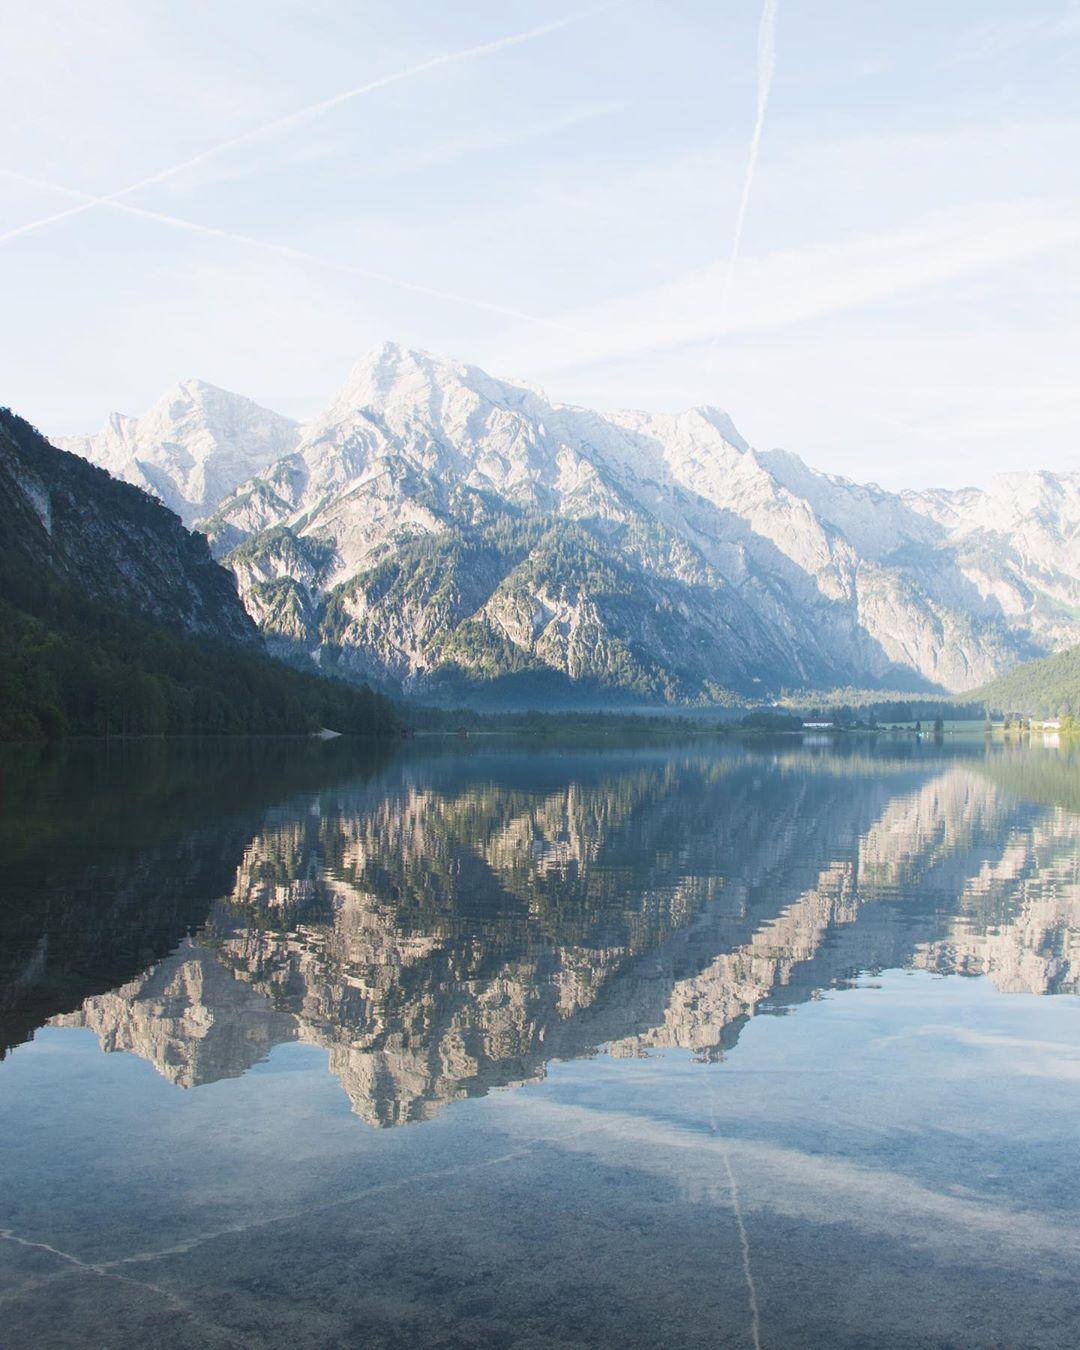 Alm lake in Grünau im Almtal